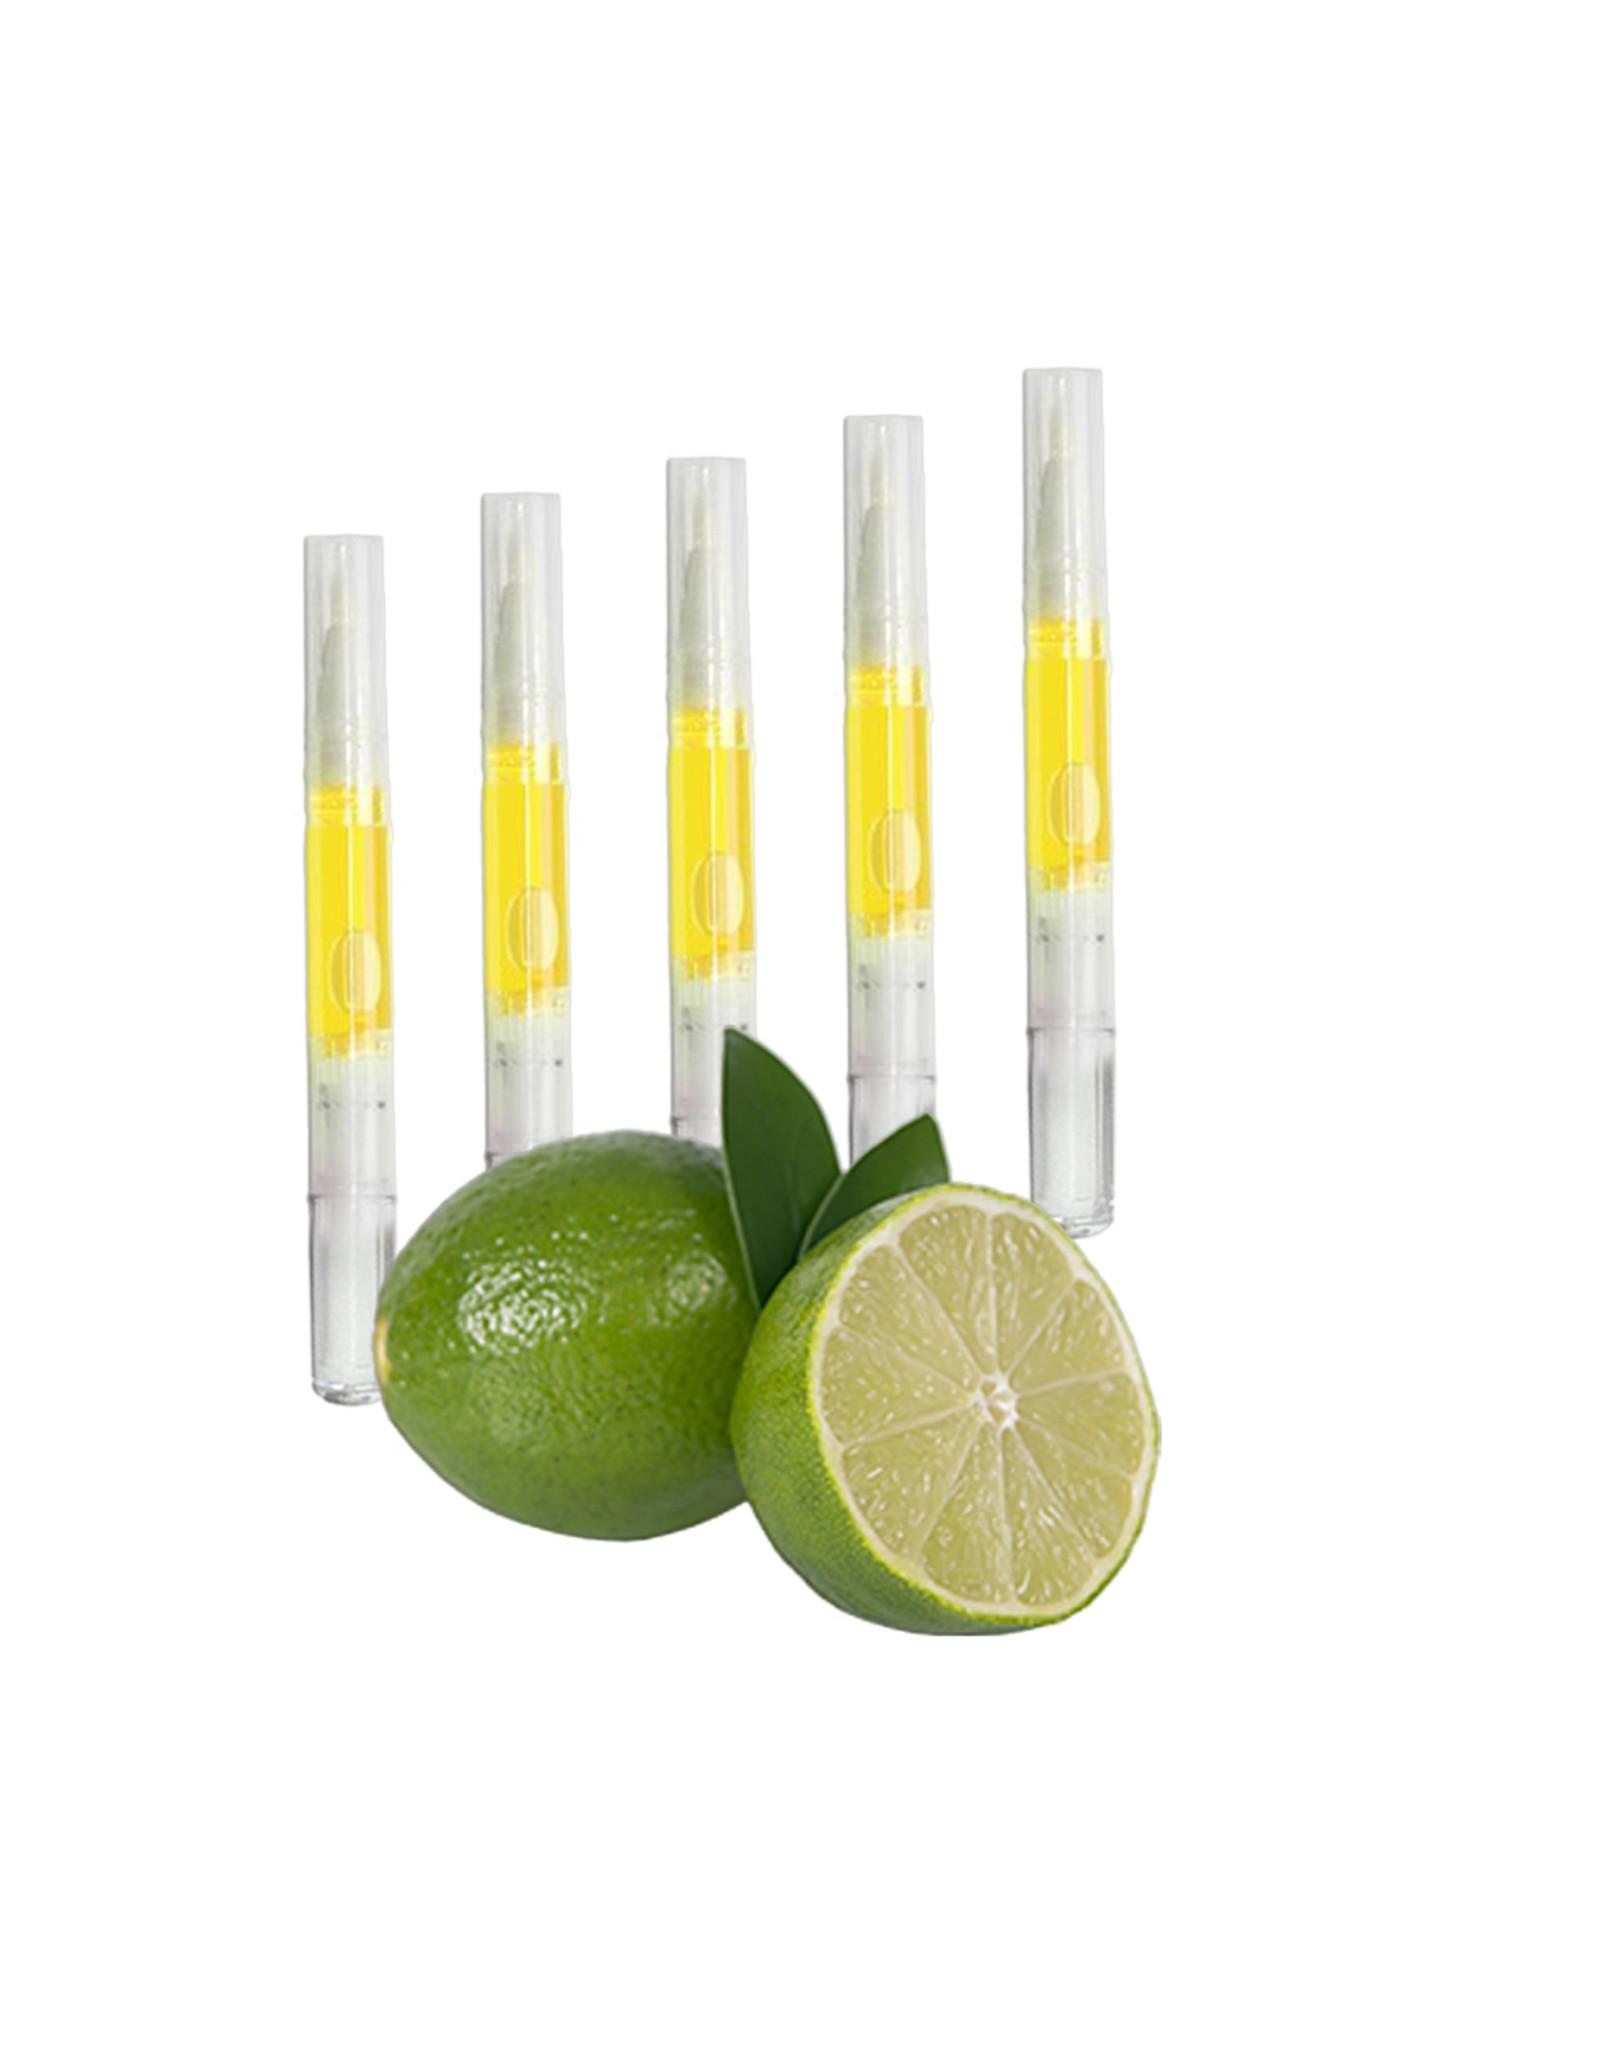 Merkloos Nagelriemolie set van 5 stuks -Limoen